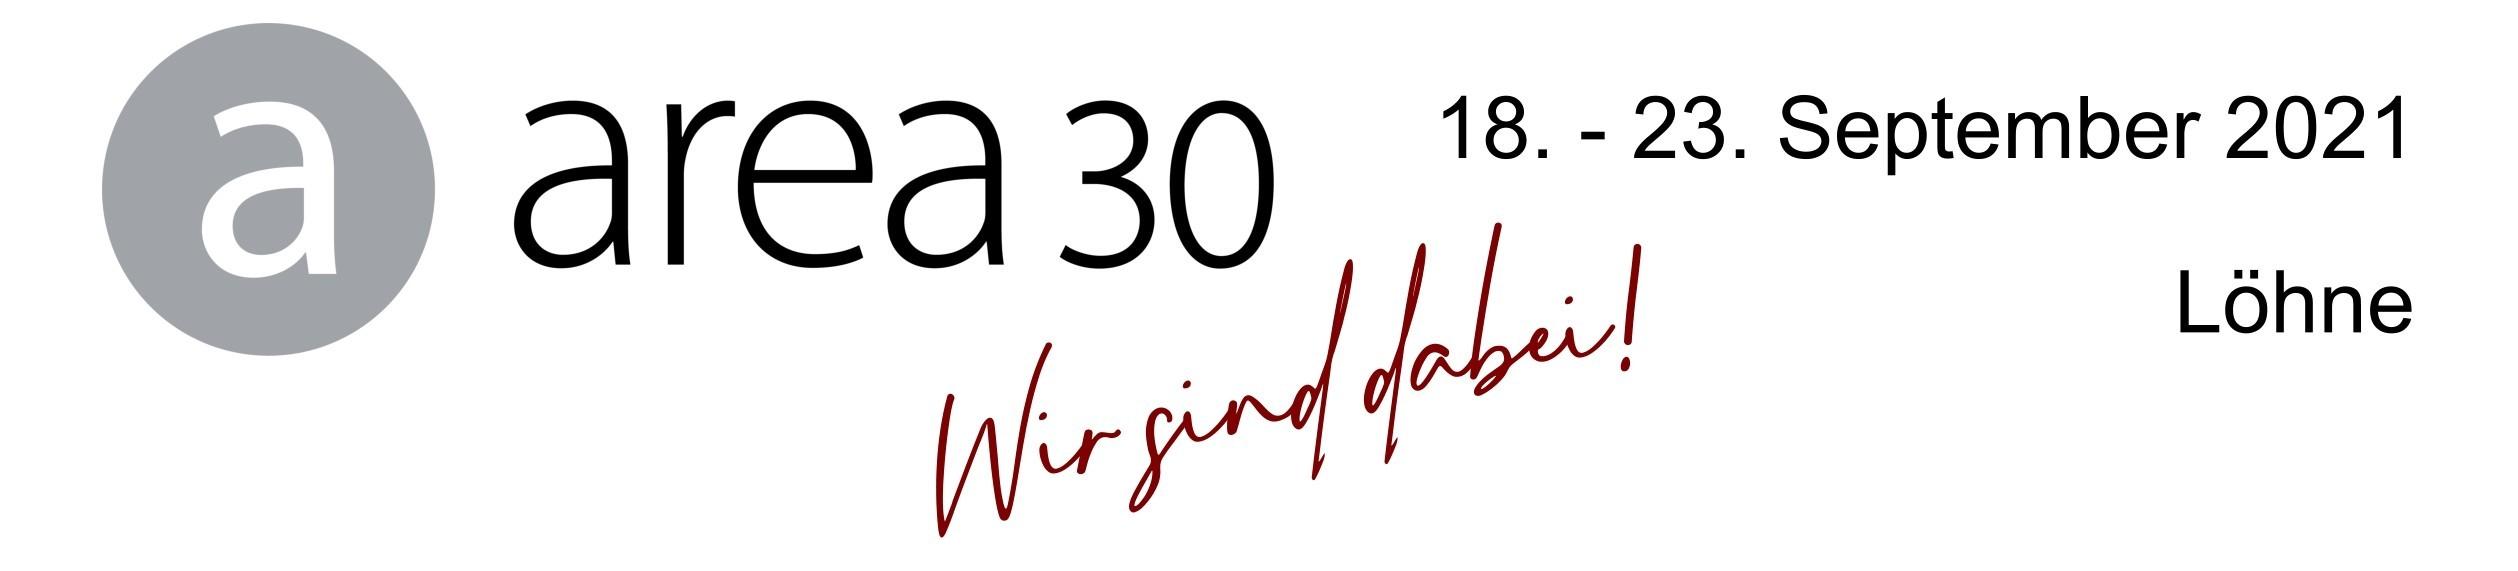 """Banner """"Wirsind dabei! area30, 18.–23. 9. 2021, Löhne"""""""